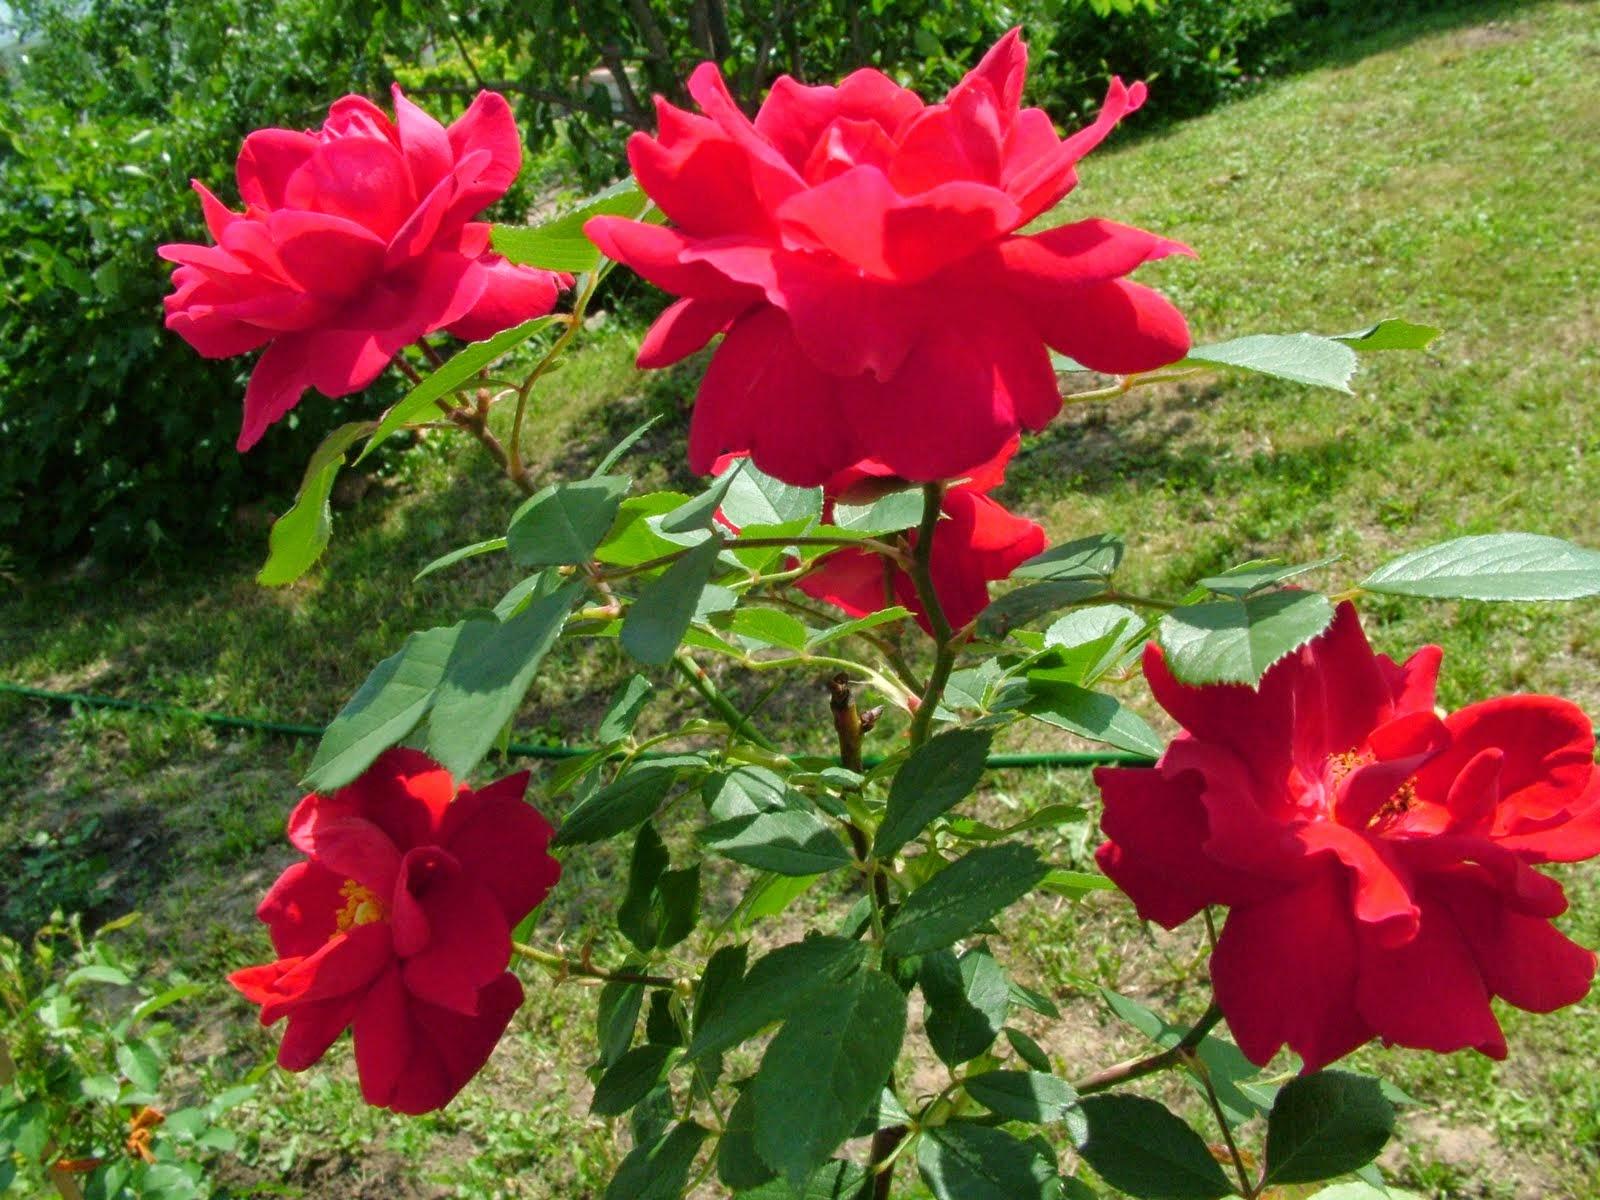 صور ورود رائعة صور زهور خلابة مع أجمل صور ورد في العالم